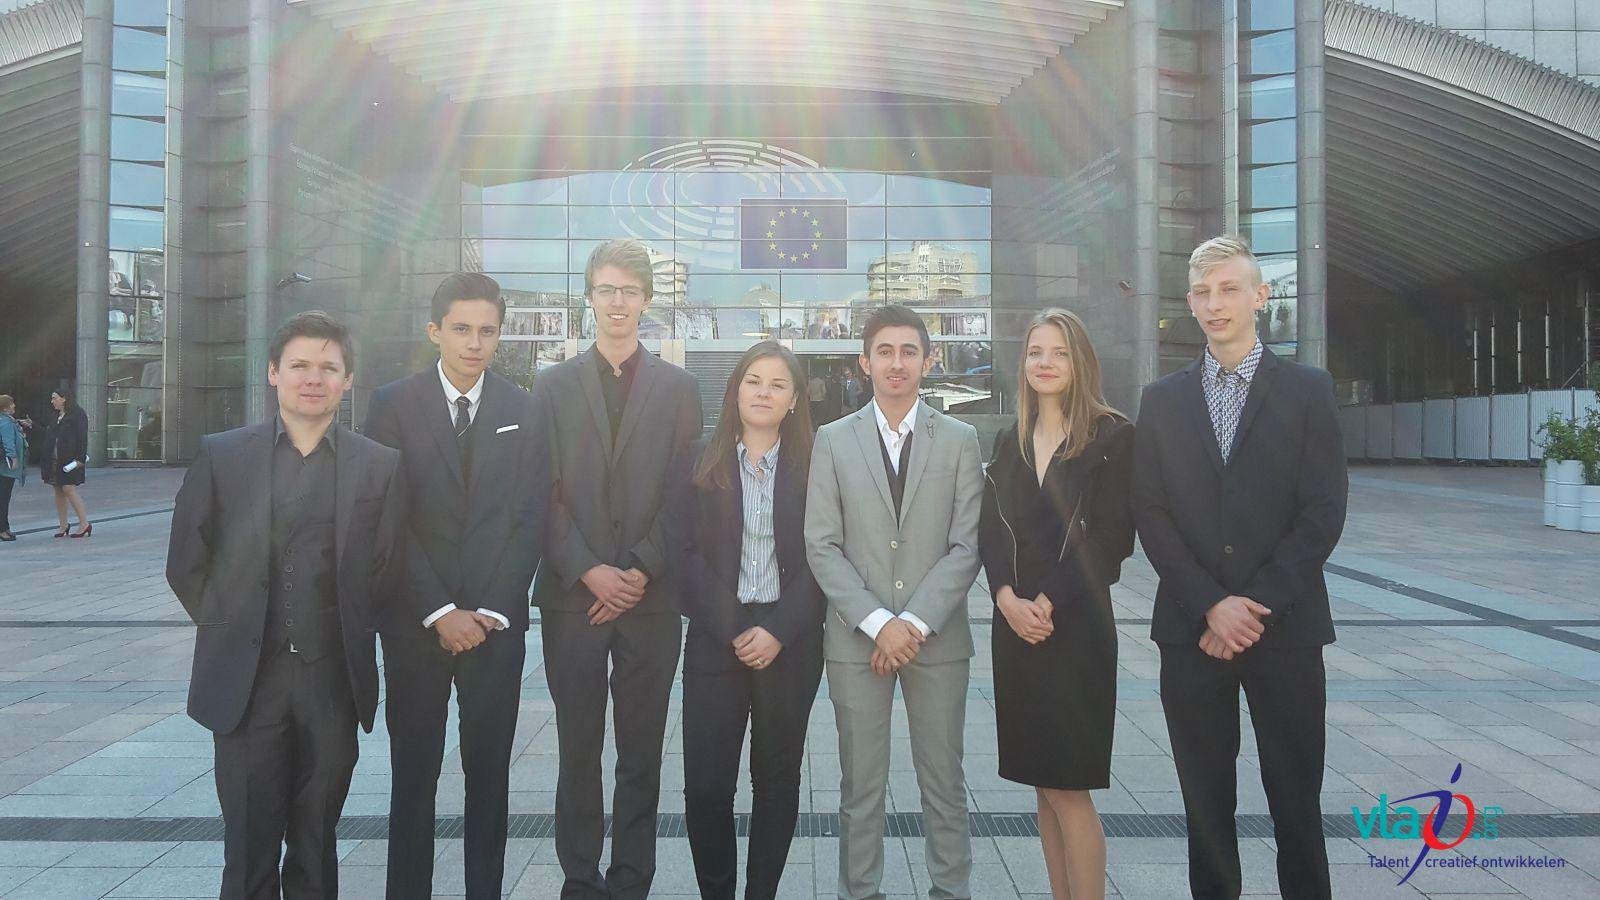 Vlajo-leerlingenteam in top 3 op Europese finale Sci Tech Challenge